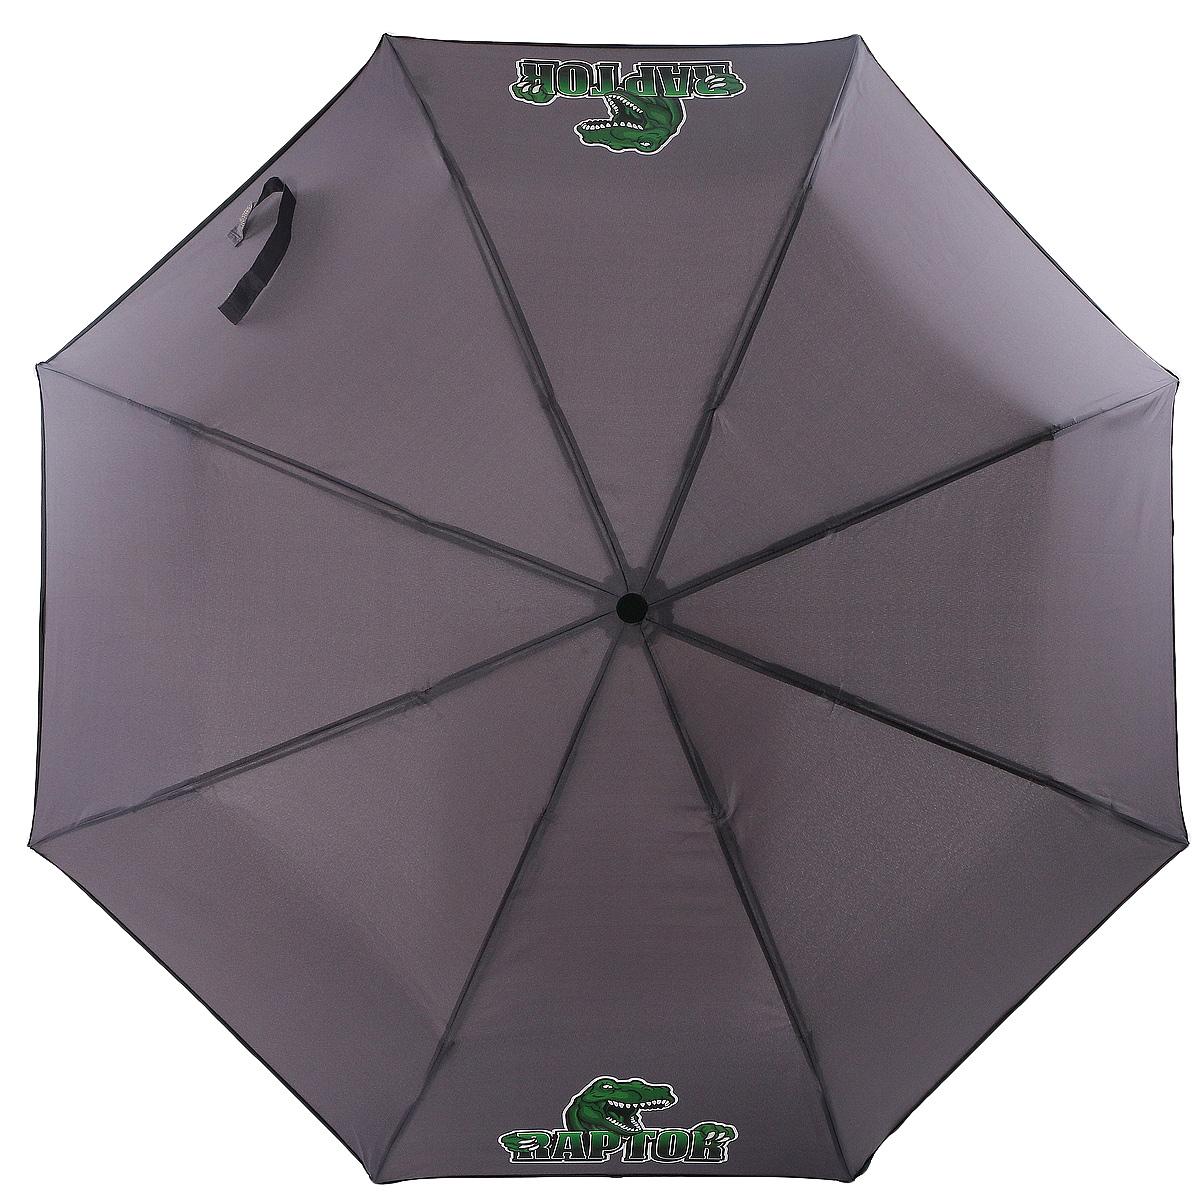 Зонт ArtRain, механический, 3 сложения, цвет: серый. 3517-1736 зонт artrain механический 3 сложения цвет синий 3517 1732